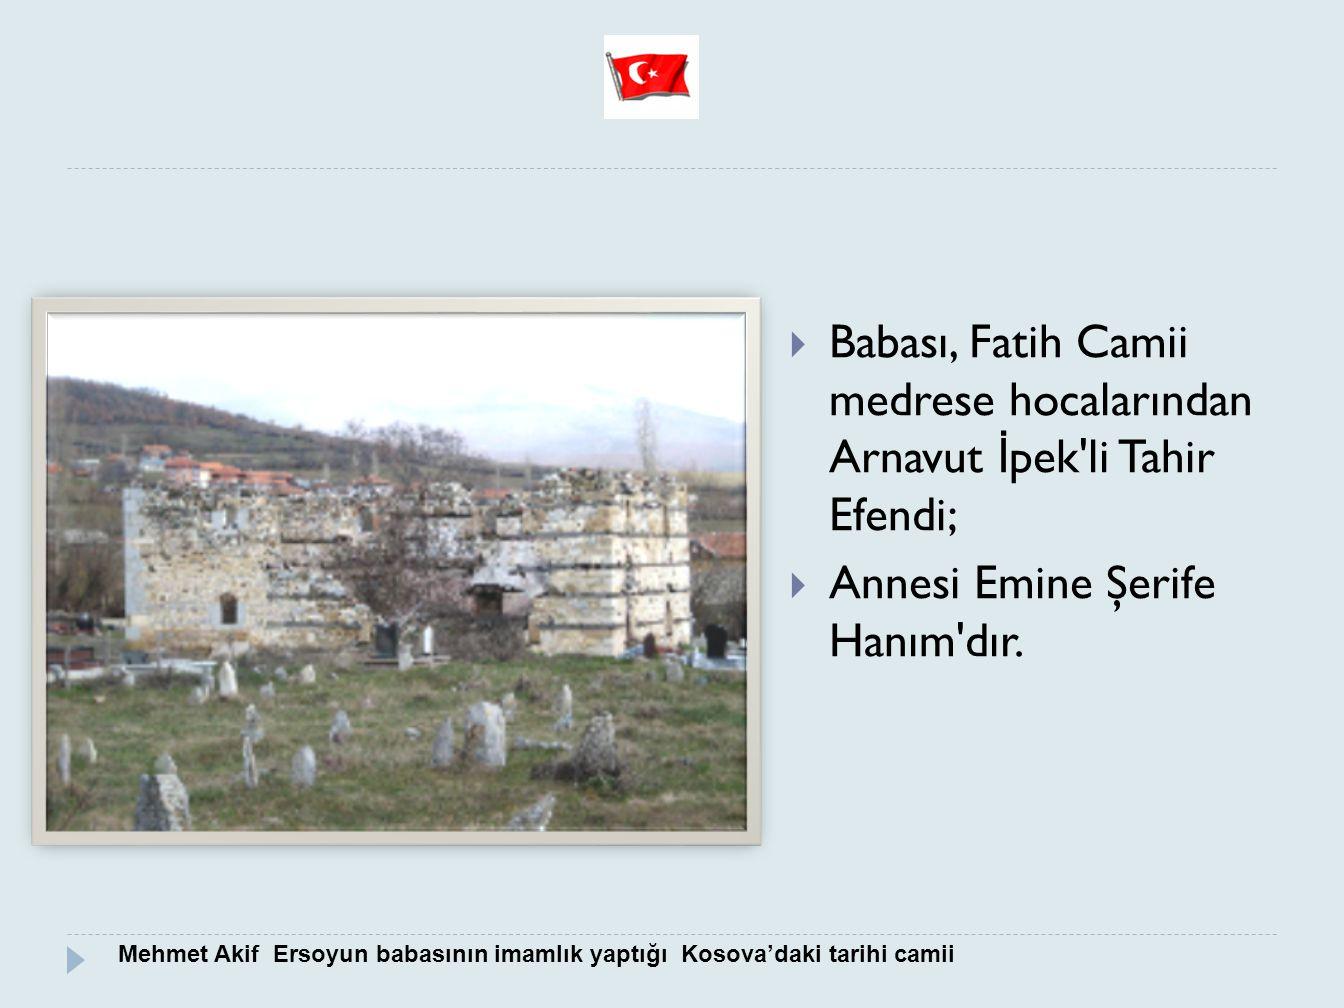  Babası, Fatih Camii medrese hocalarından Arnavut İ pek'li Tahir Efendi;  Annesi Emine Şerife Hanım'dır. Mehmet Akif Ersoyun babasının imamlık yaptı